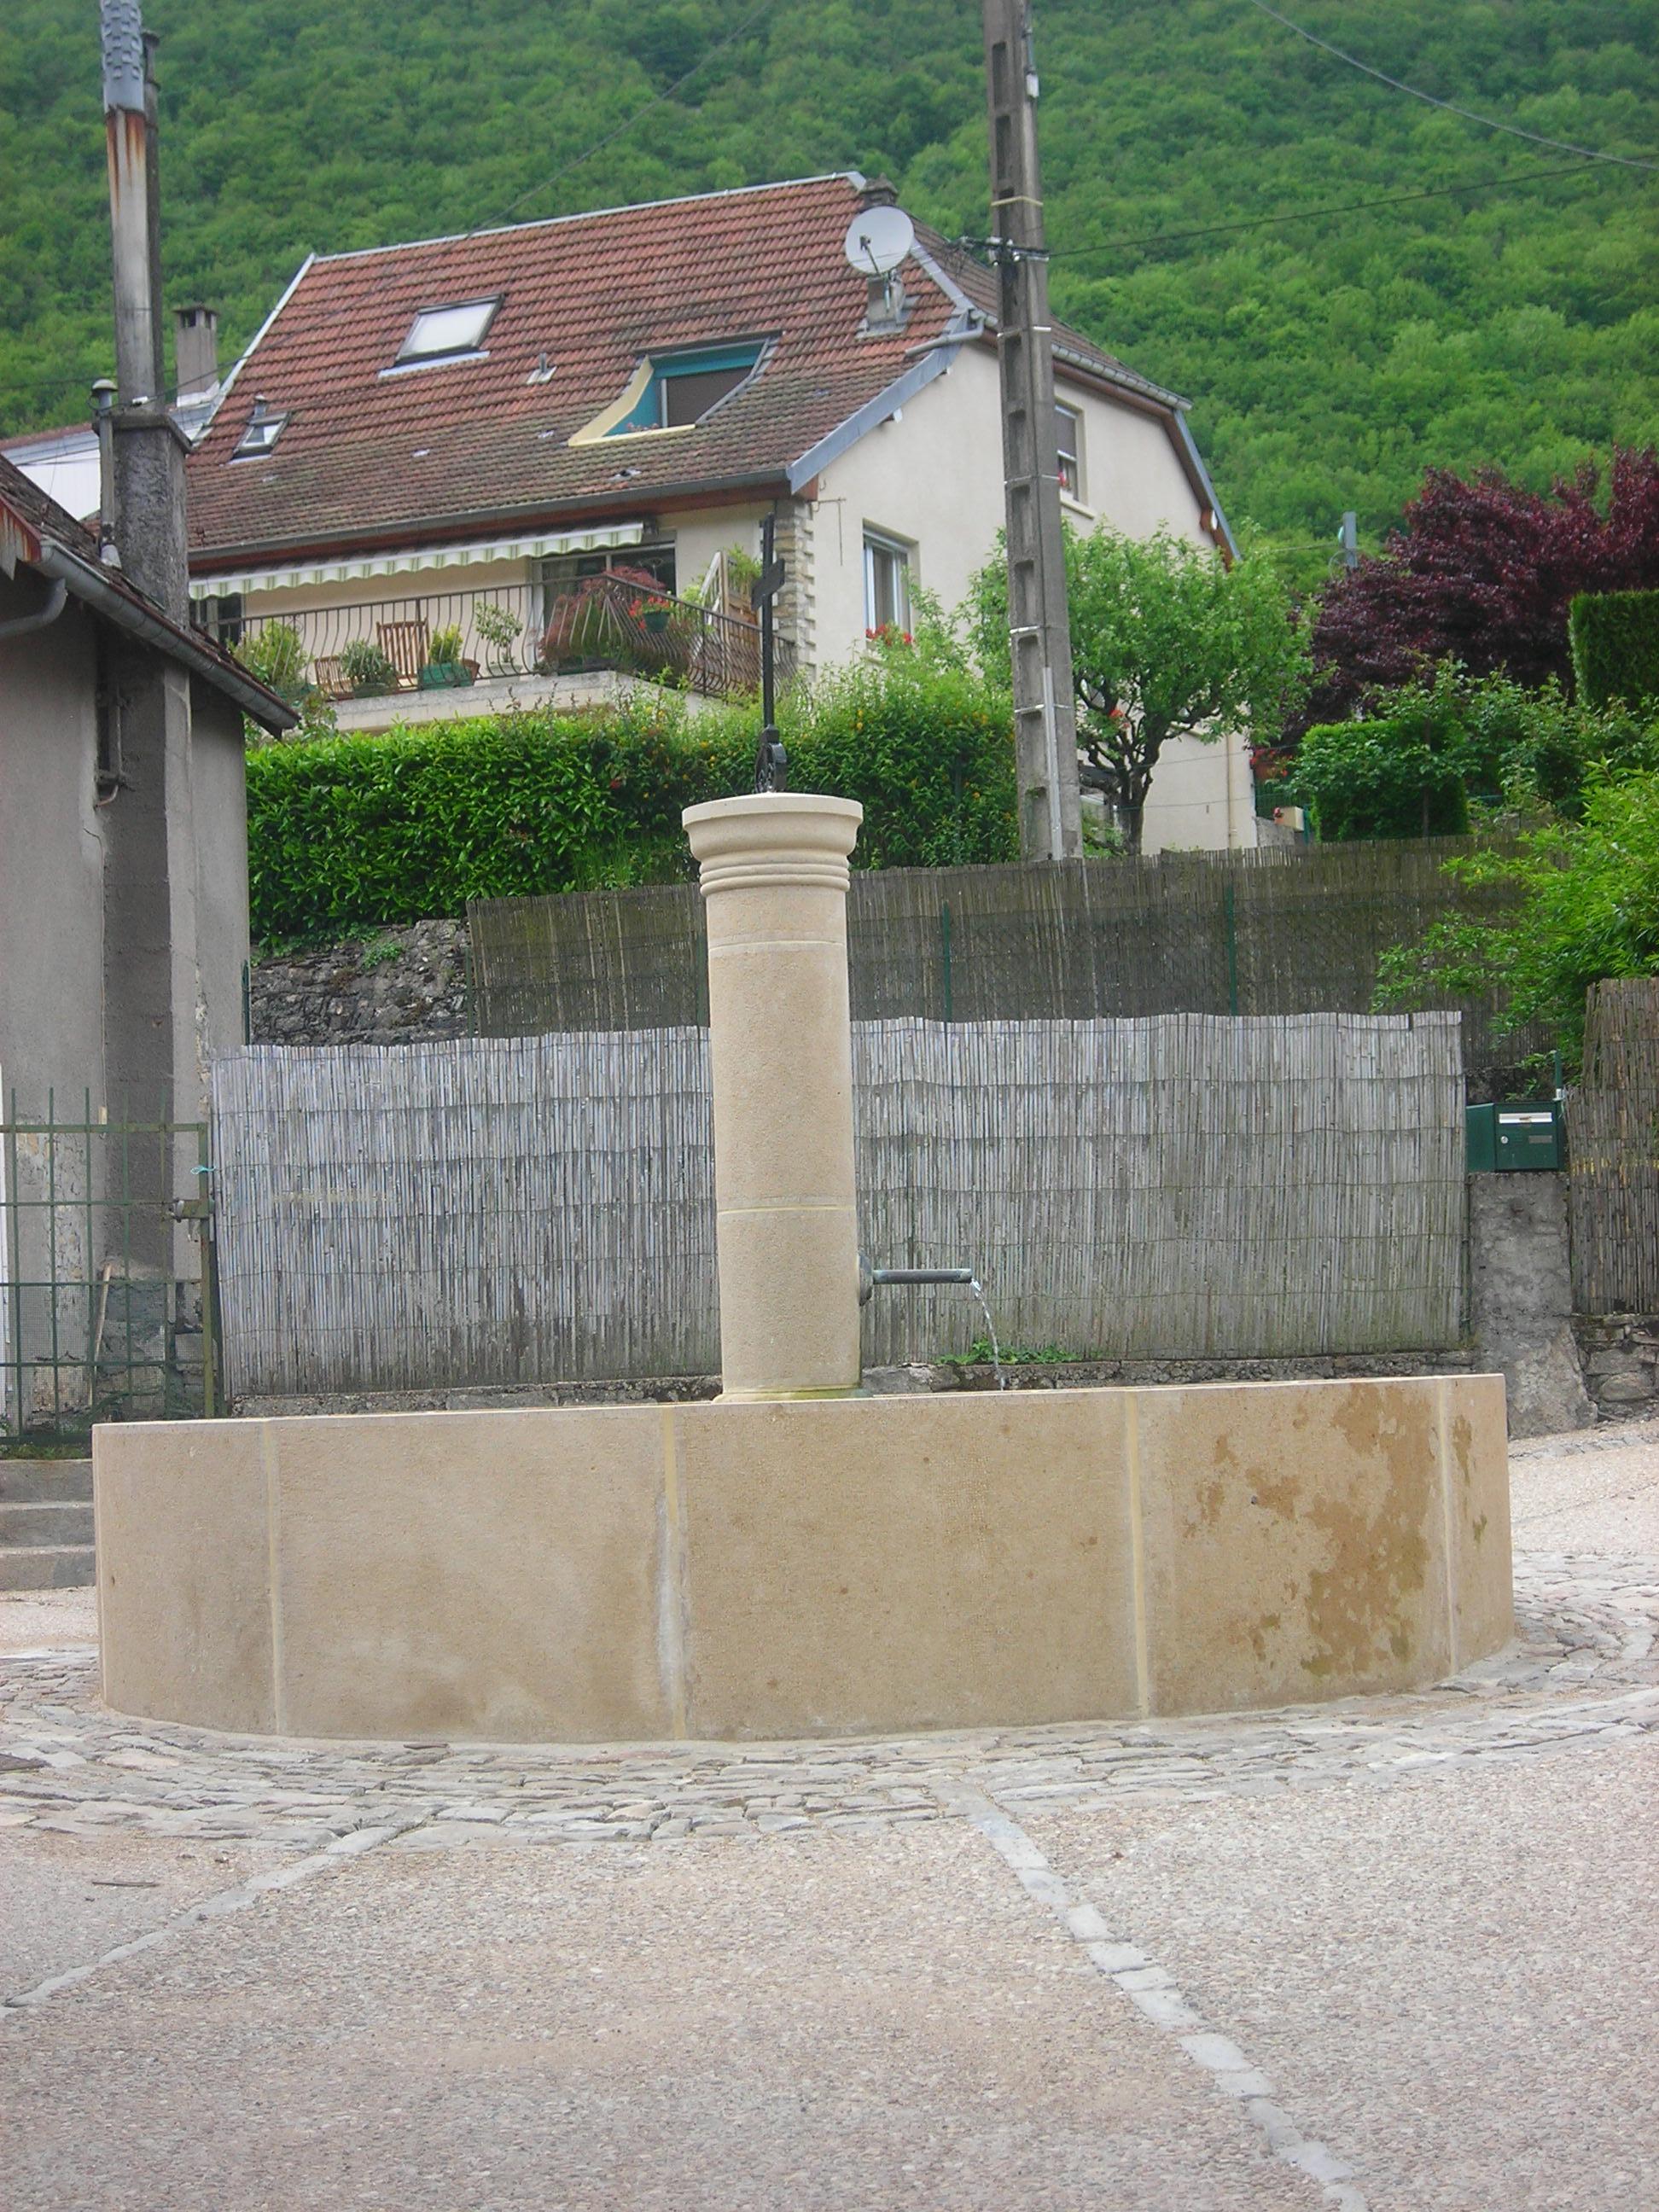 fontaine-en-2006-photo-4